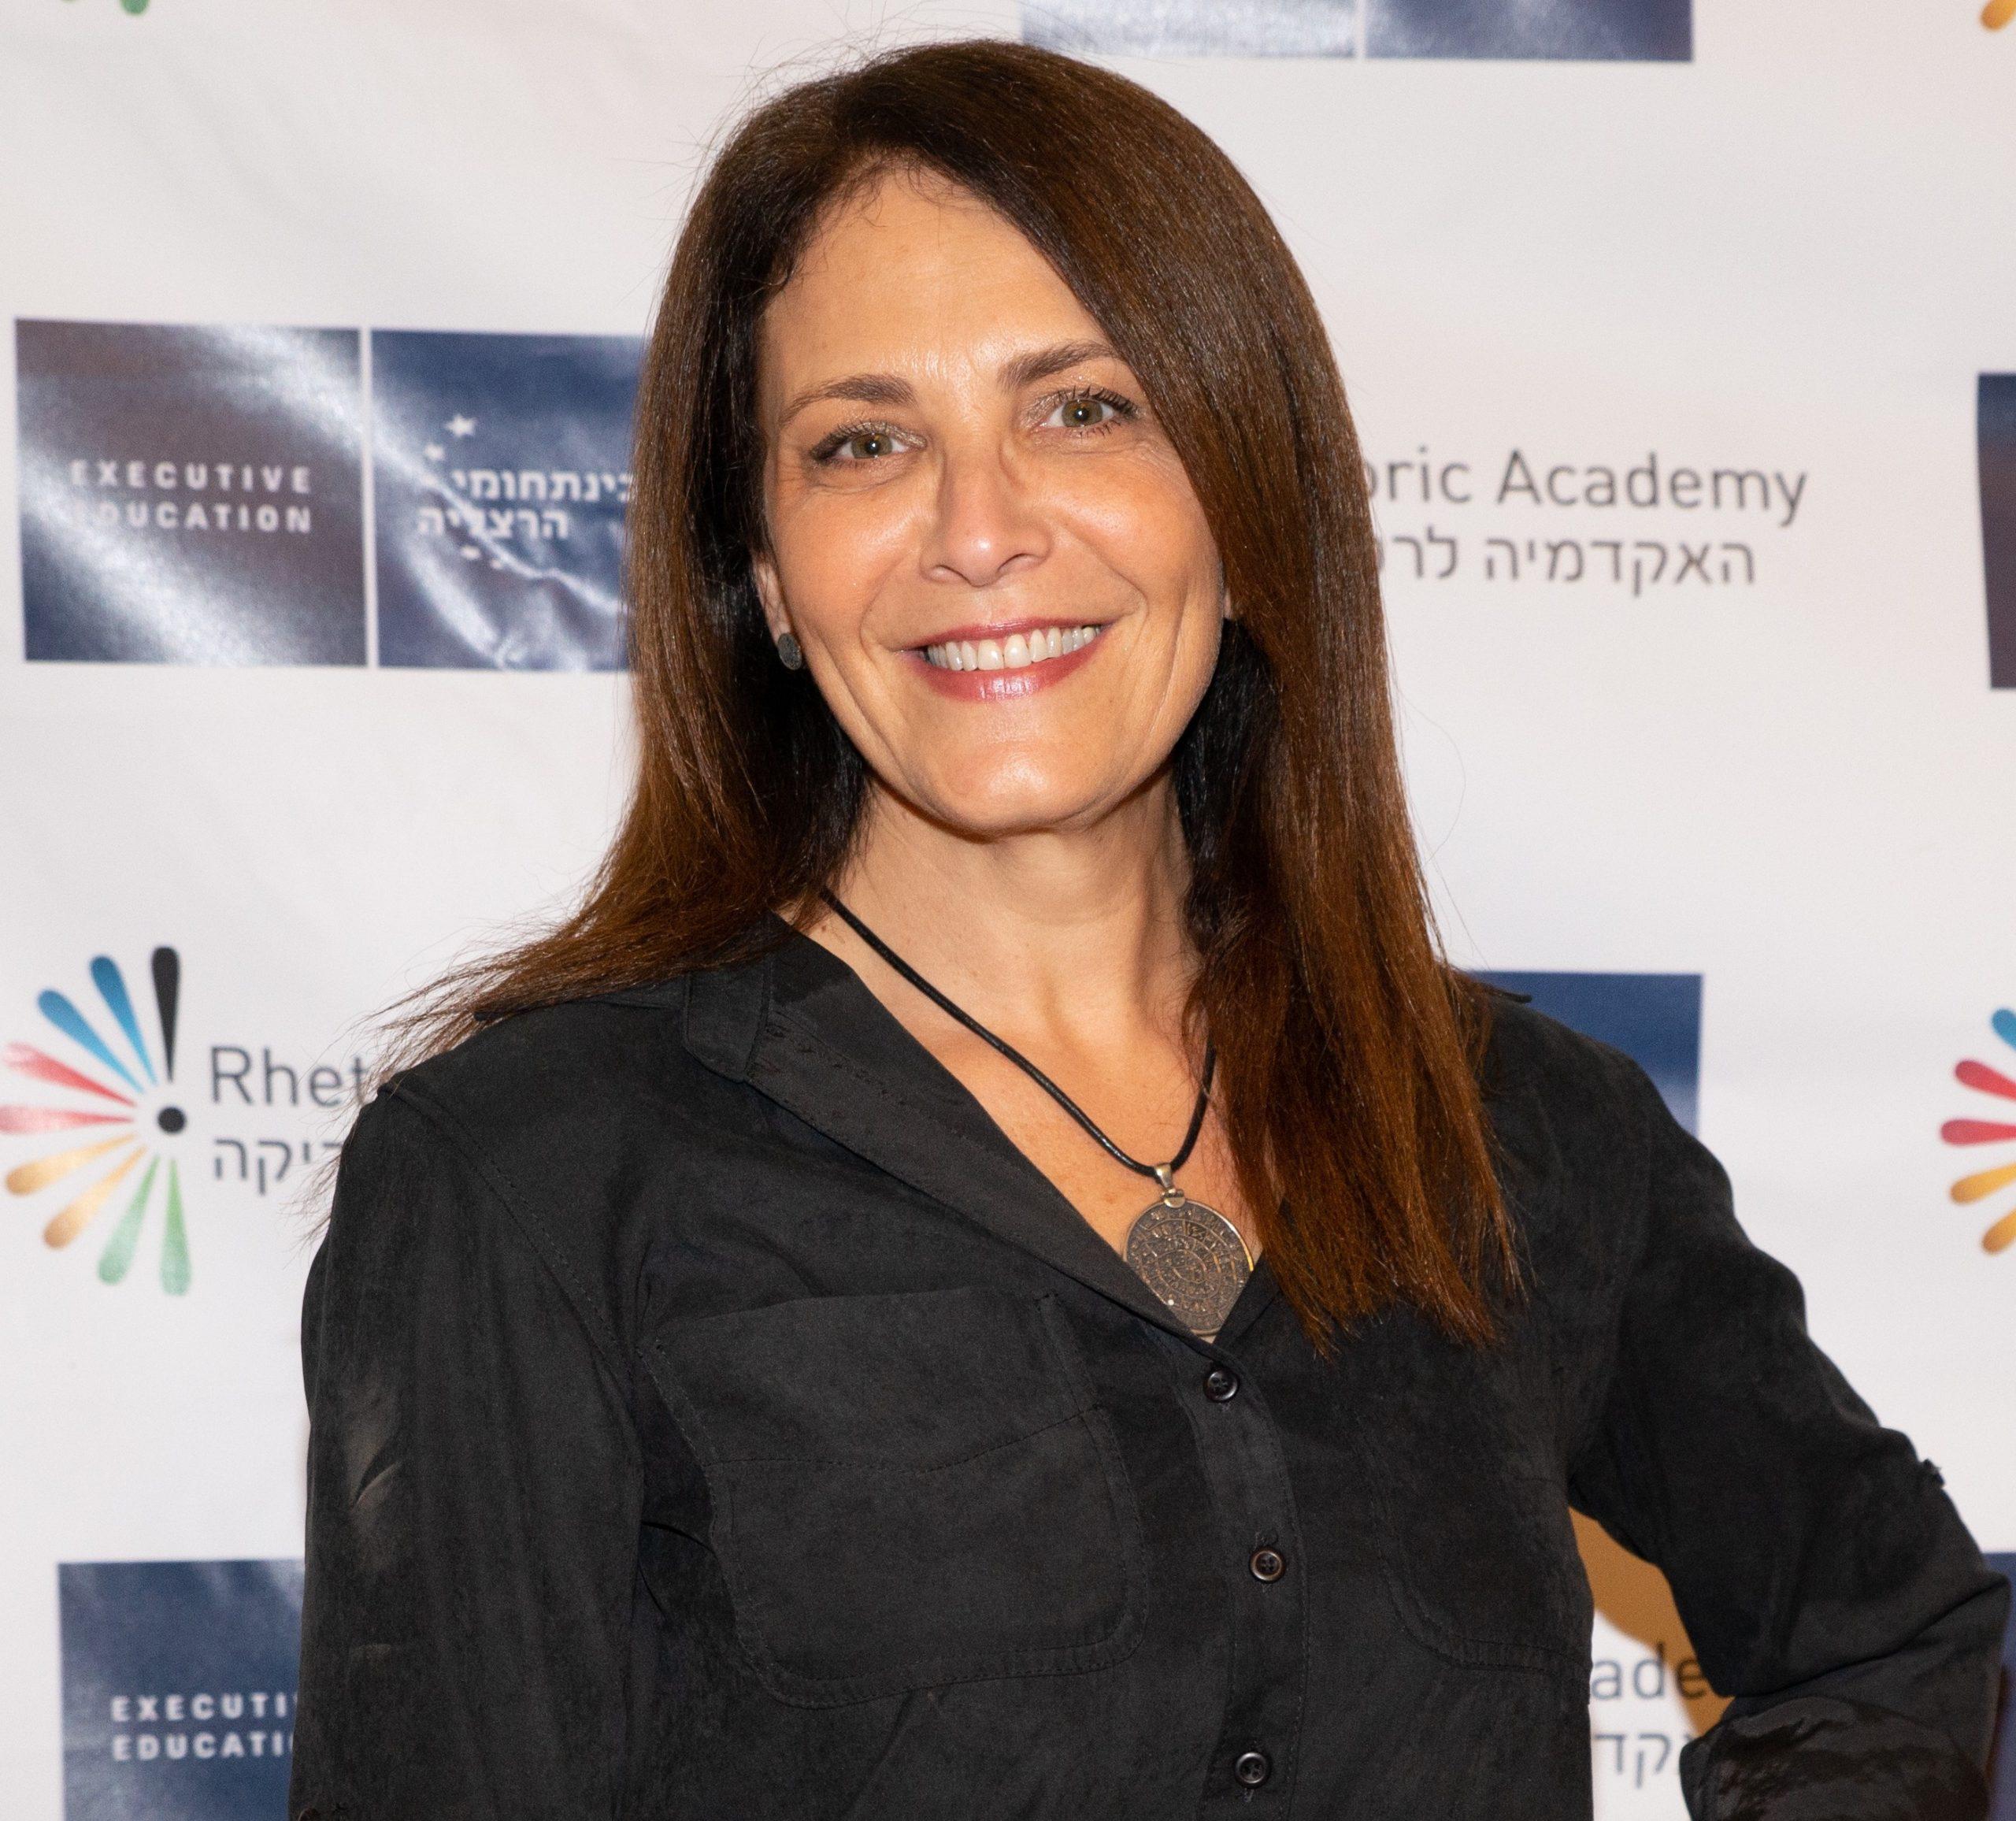 Dr. Michelle Stein Teer